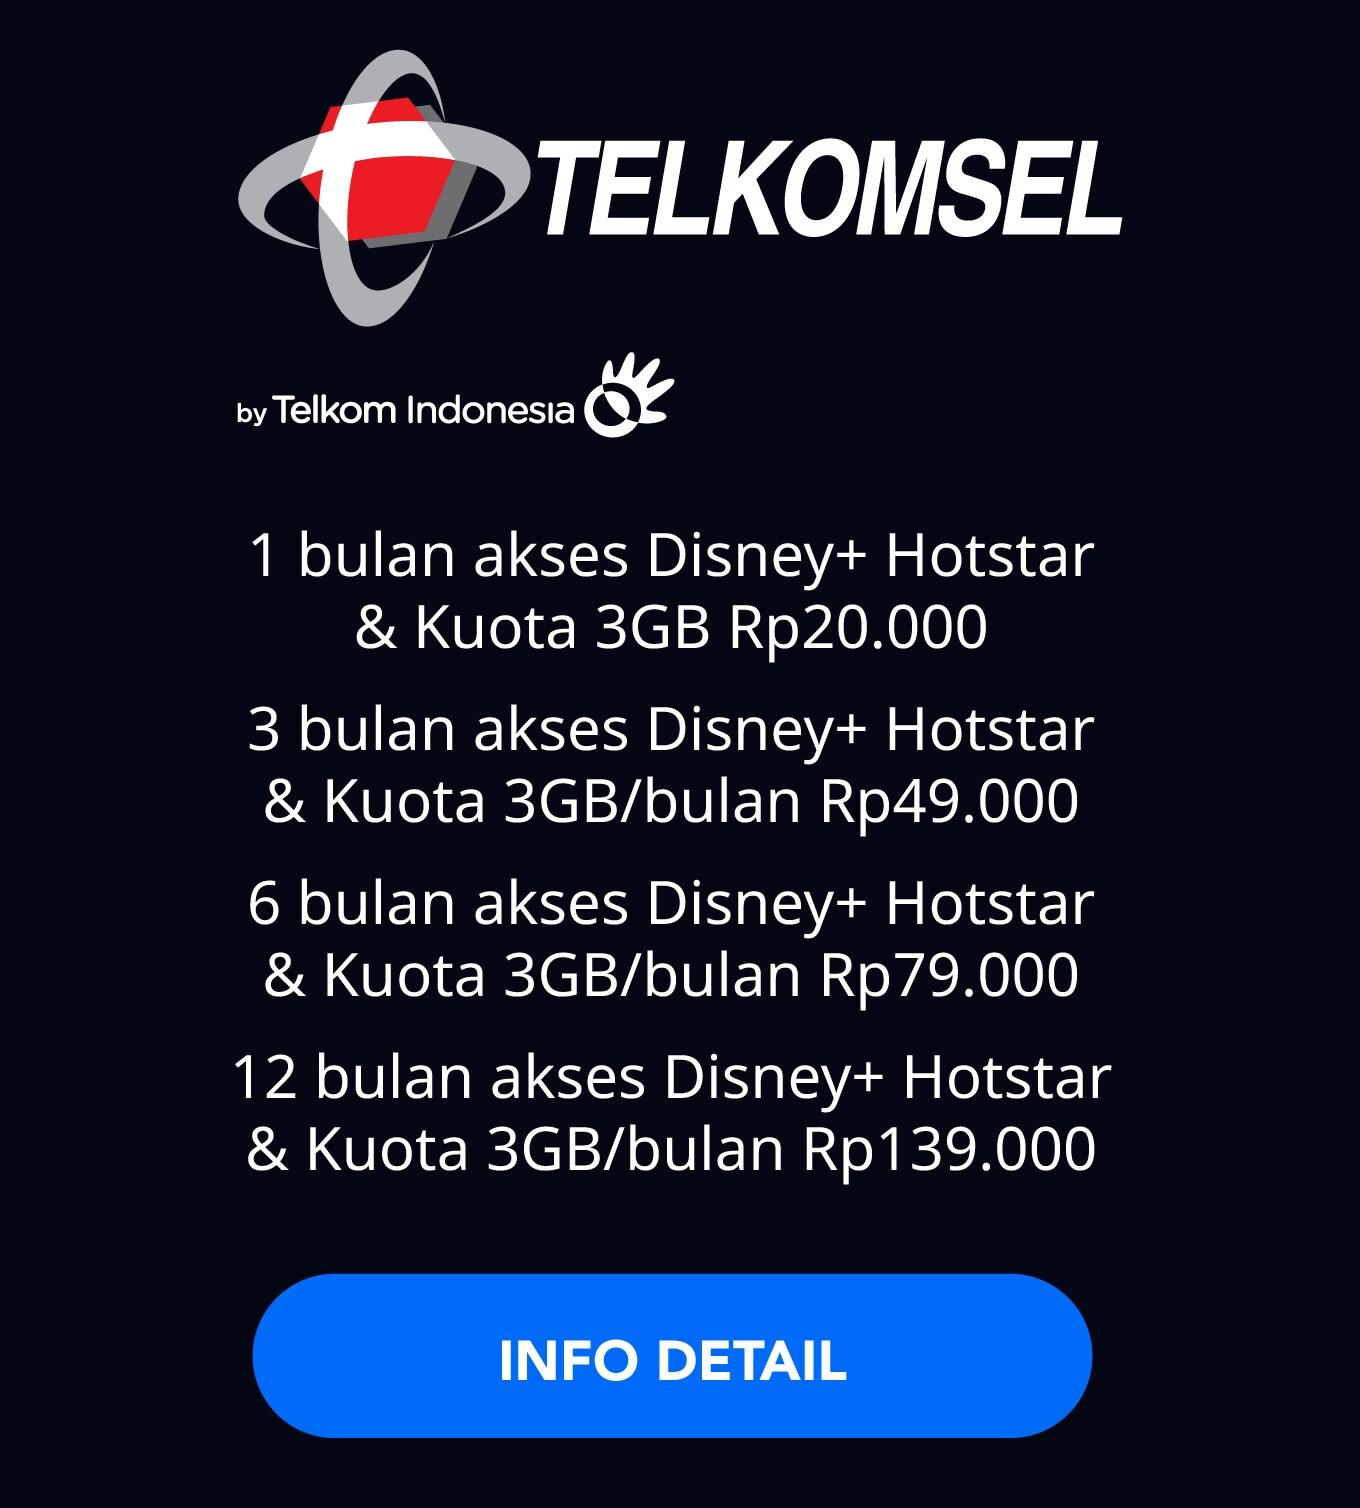 Disney+ Hotstar Telkomsel More Details Link